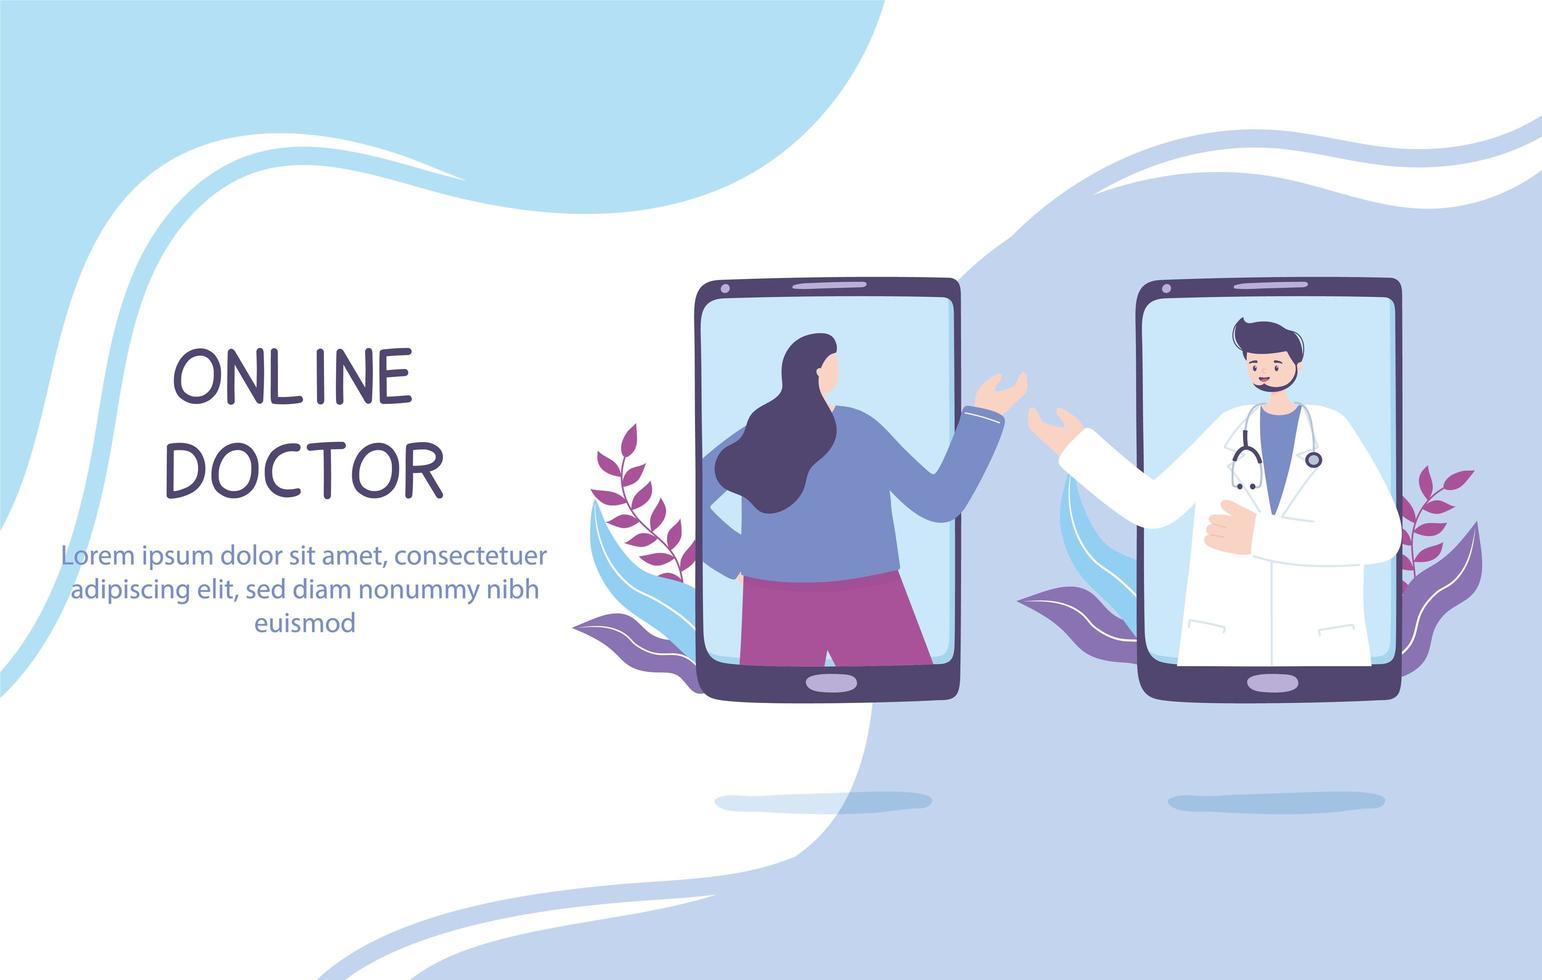 concept de télémédecine avec médecin et patient sur le smartphone vecteur